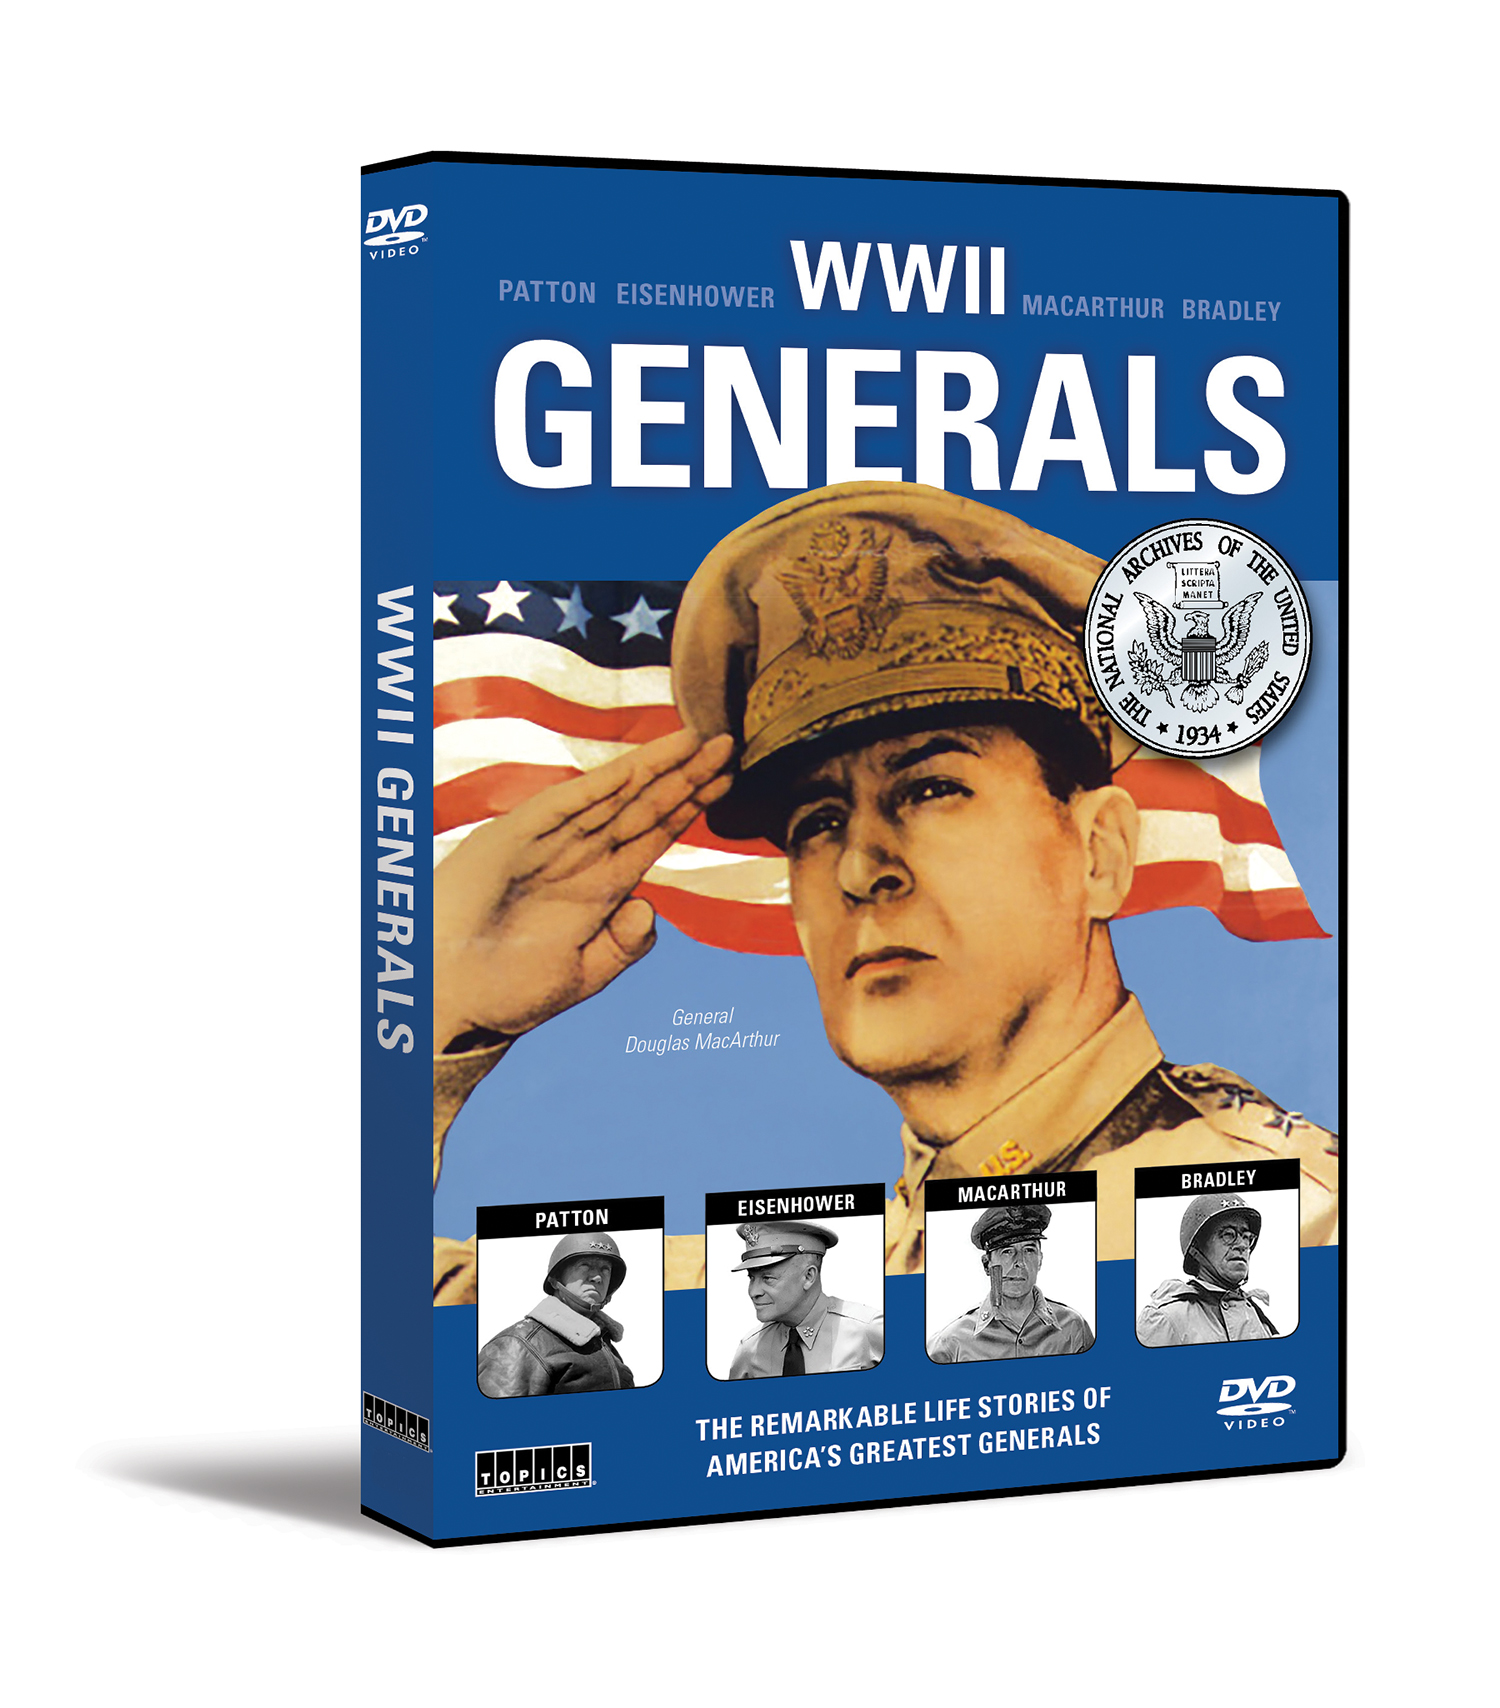 WWII Generals DVD (Patton, Bradley, Eisenhower, Macarthur)